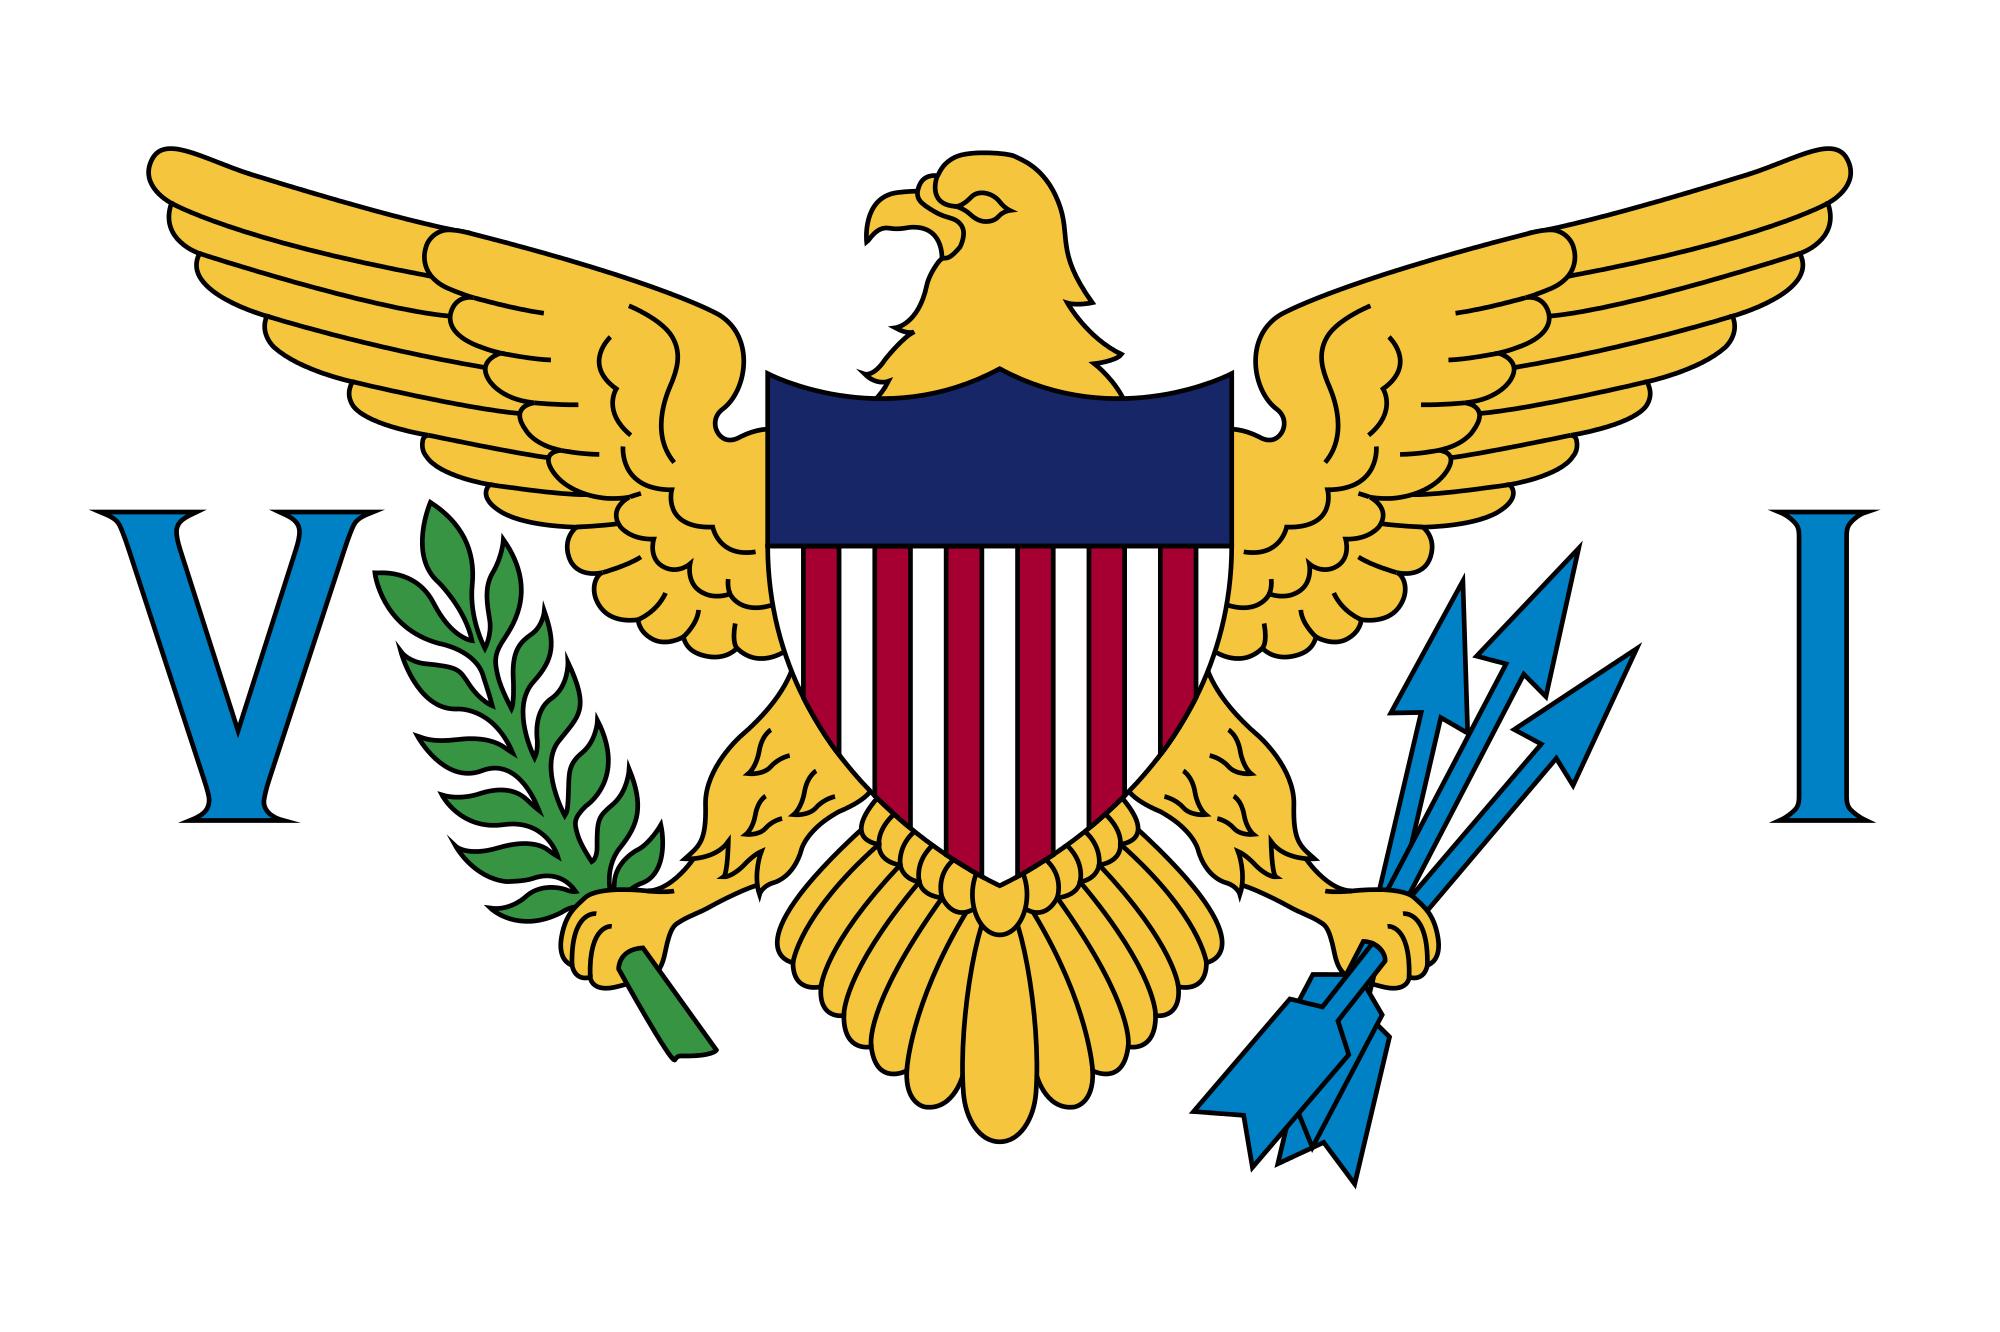 islas virgenes estadounidenses, país, Brasão de armas, logotipo, símbolo - Papéis de parede HD - Professor-falken.com